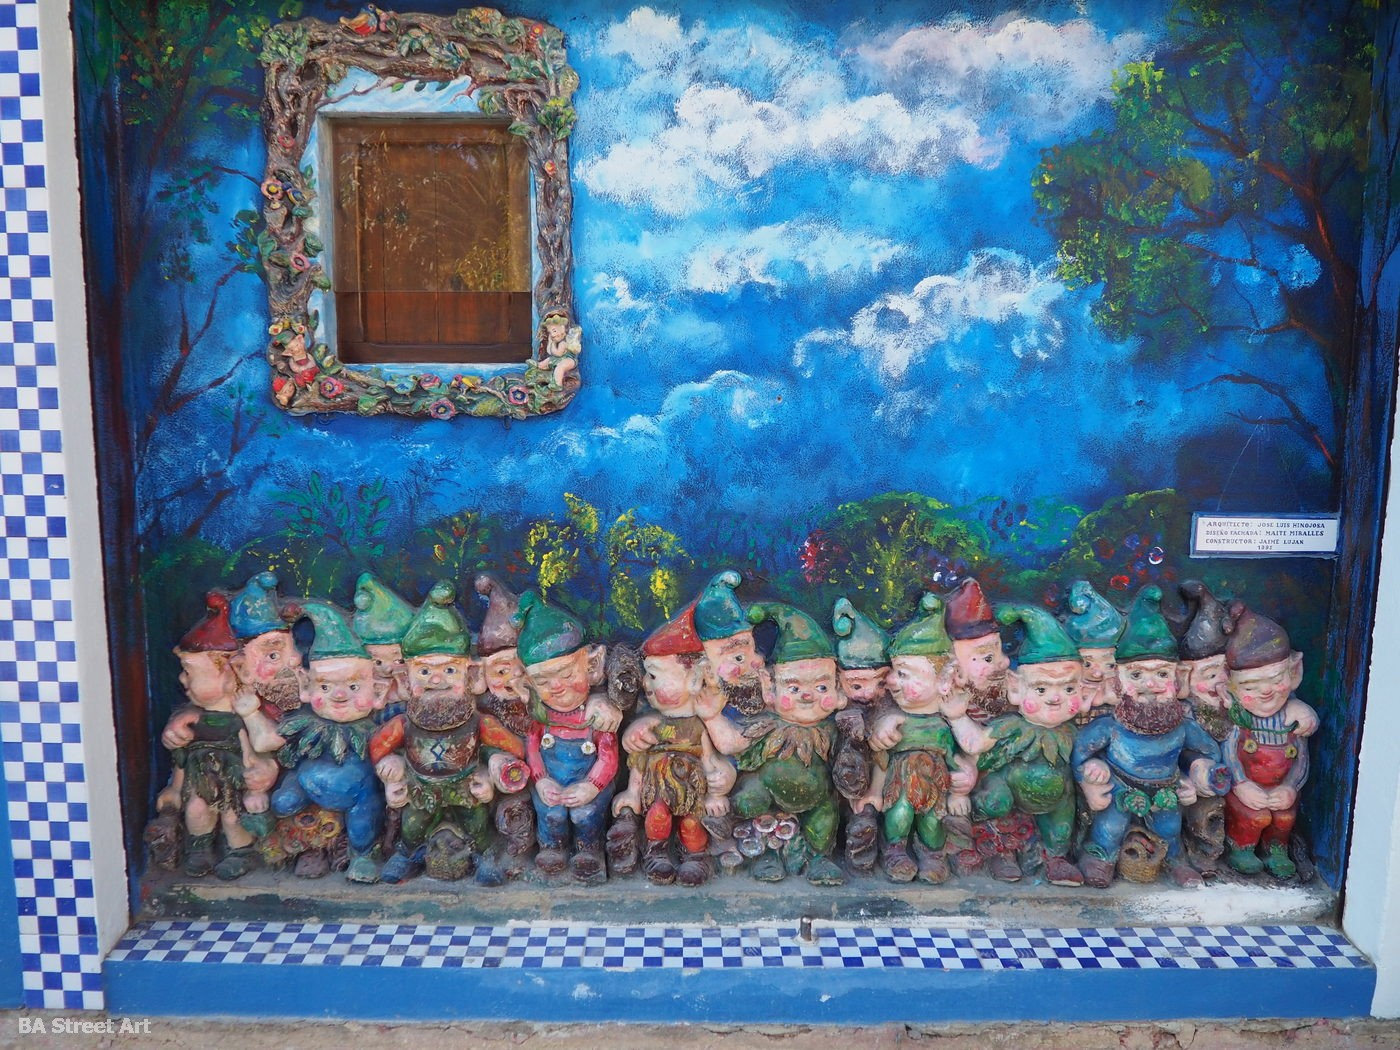 casa duendes gnomes valencia cabanyal spain garden gnomes ceramic art tour ceramico arte